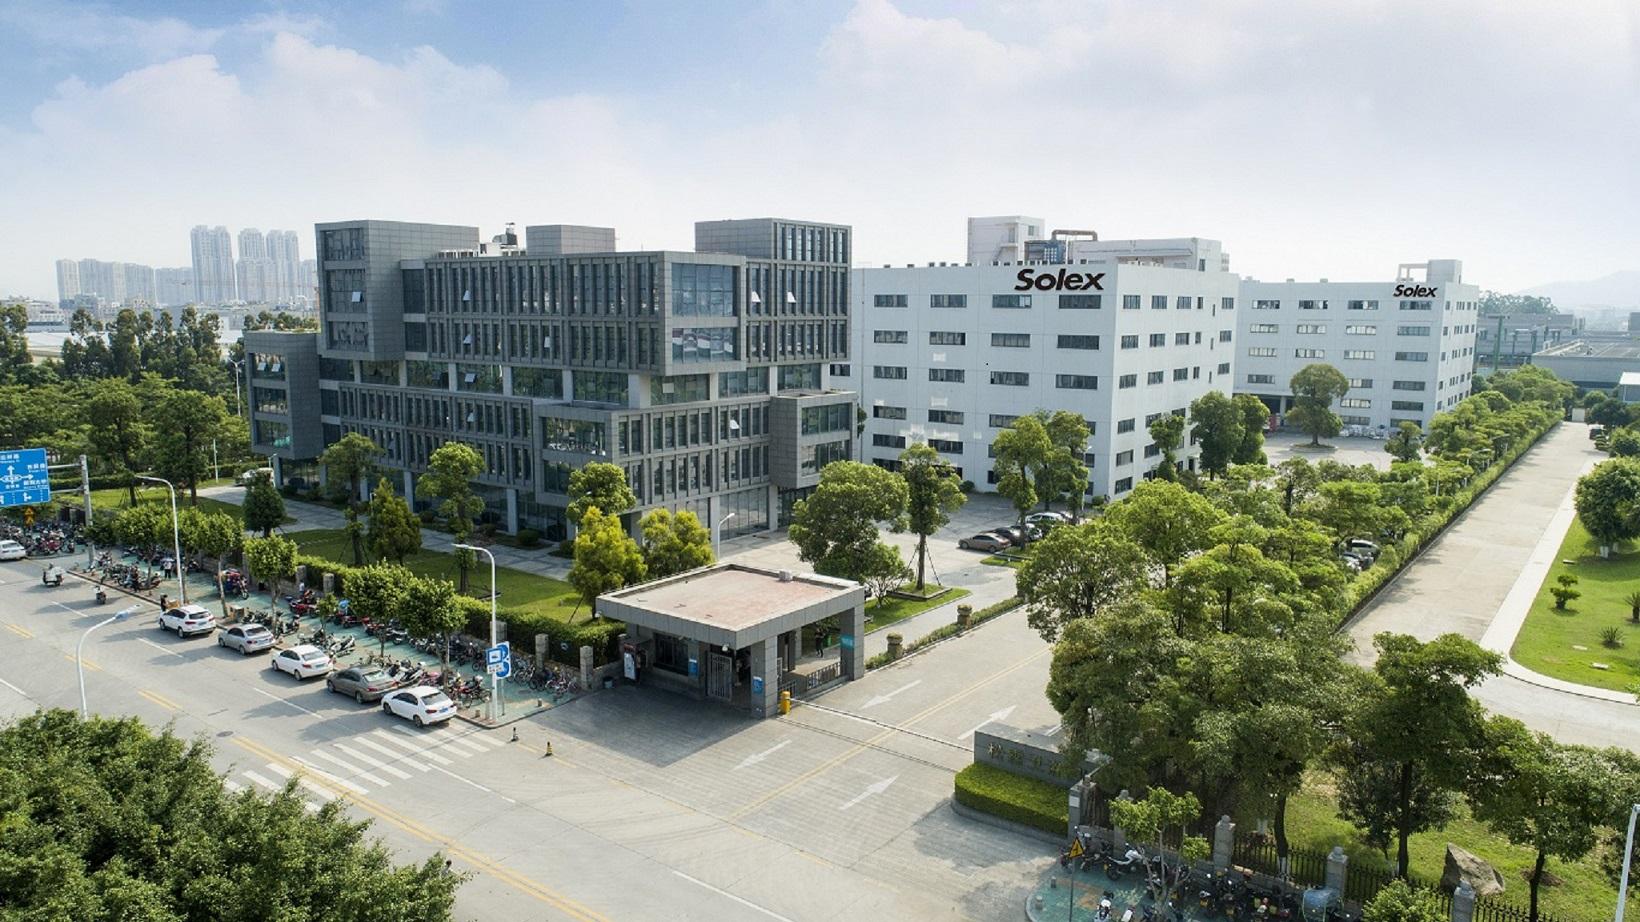 公司宣传图片2-生产园区之松霖卫浴园.jpg